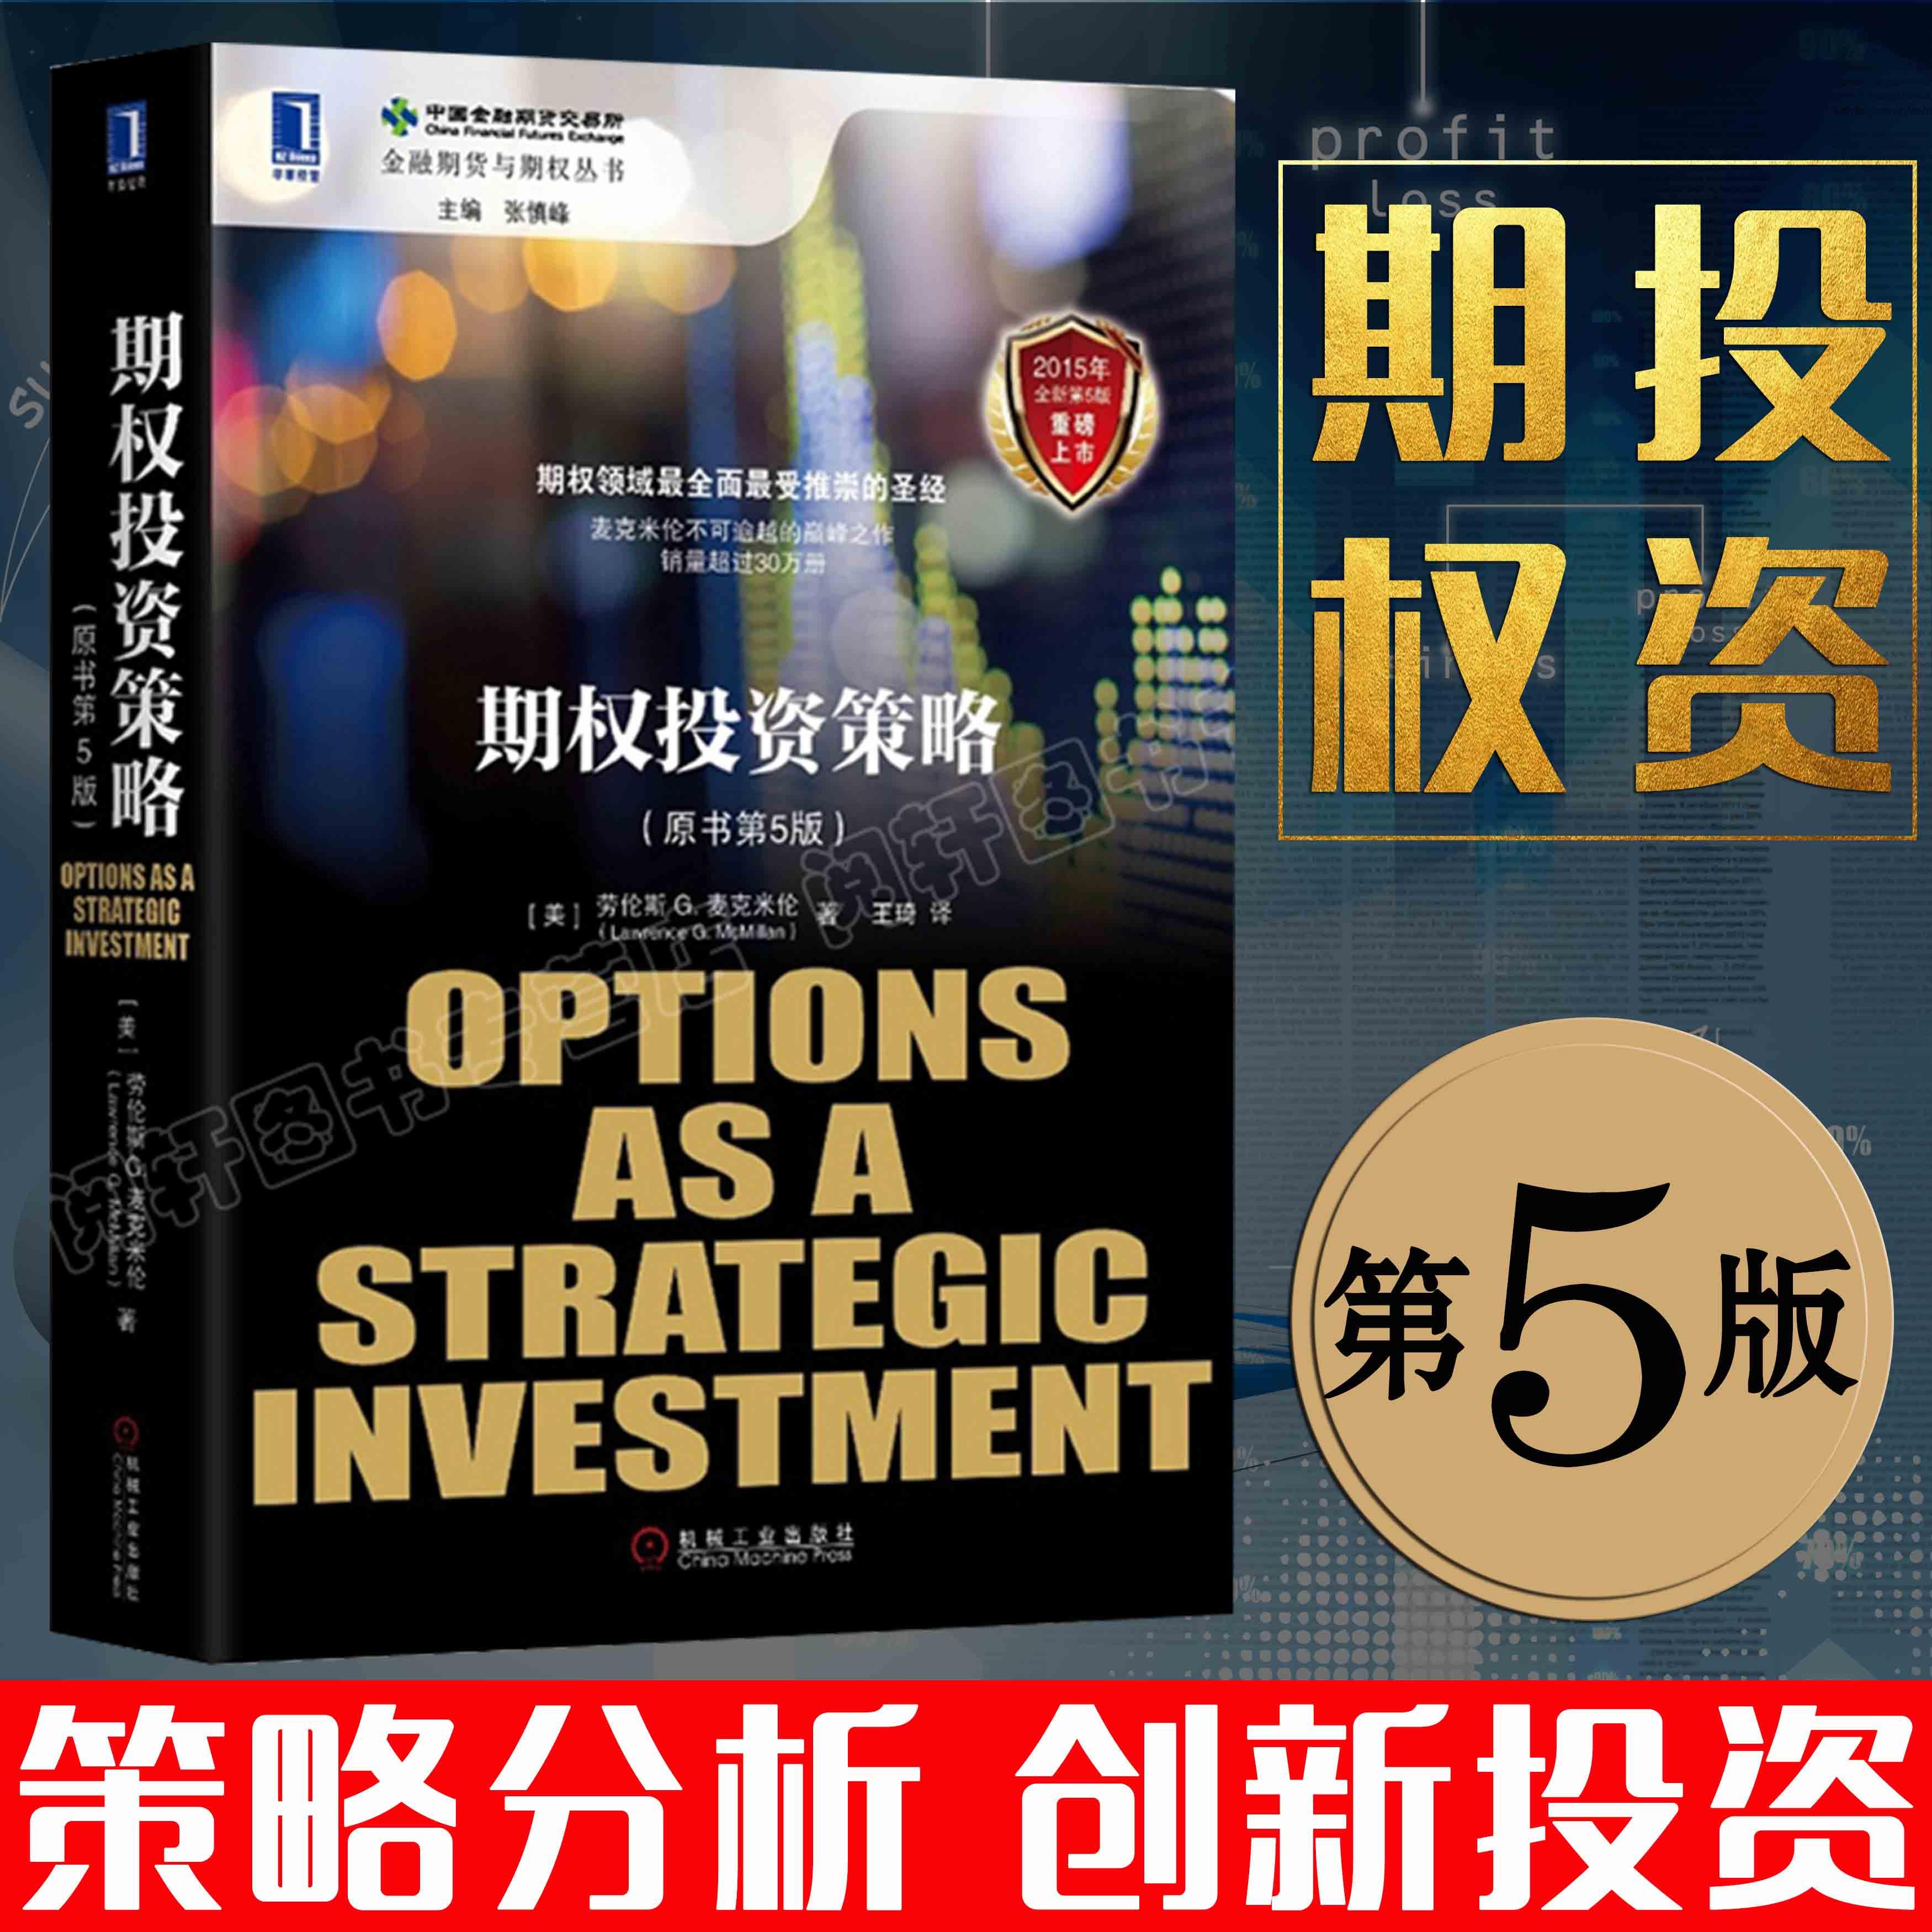 正版正版 期权投资策略(原书第5版)经济管理类书籍 投资策略 指数期权和期货 股票投资策略实战分析 个股期货期权金融投资指南